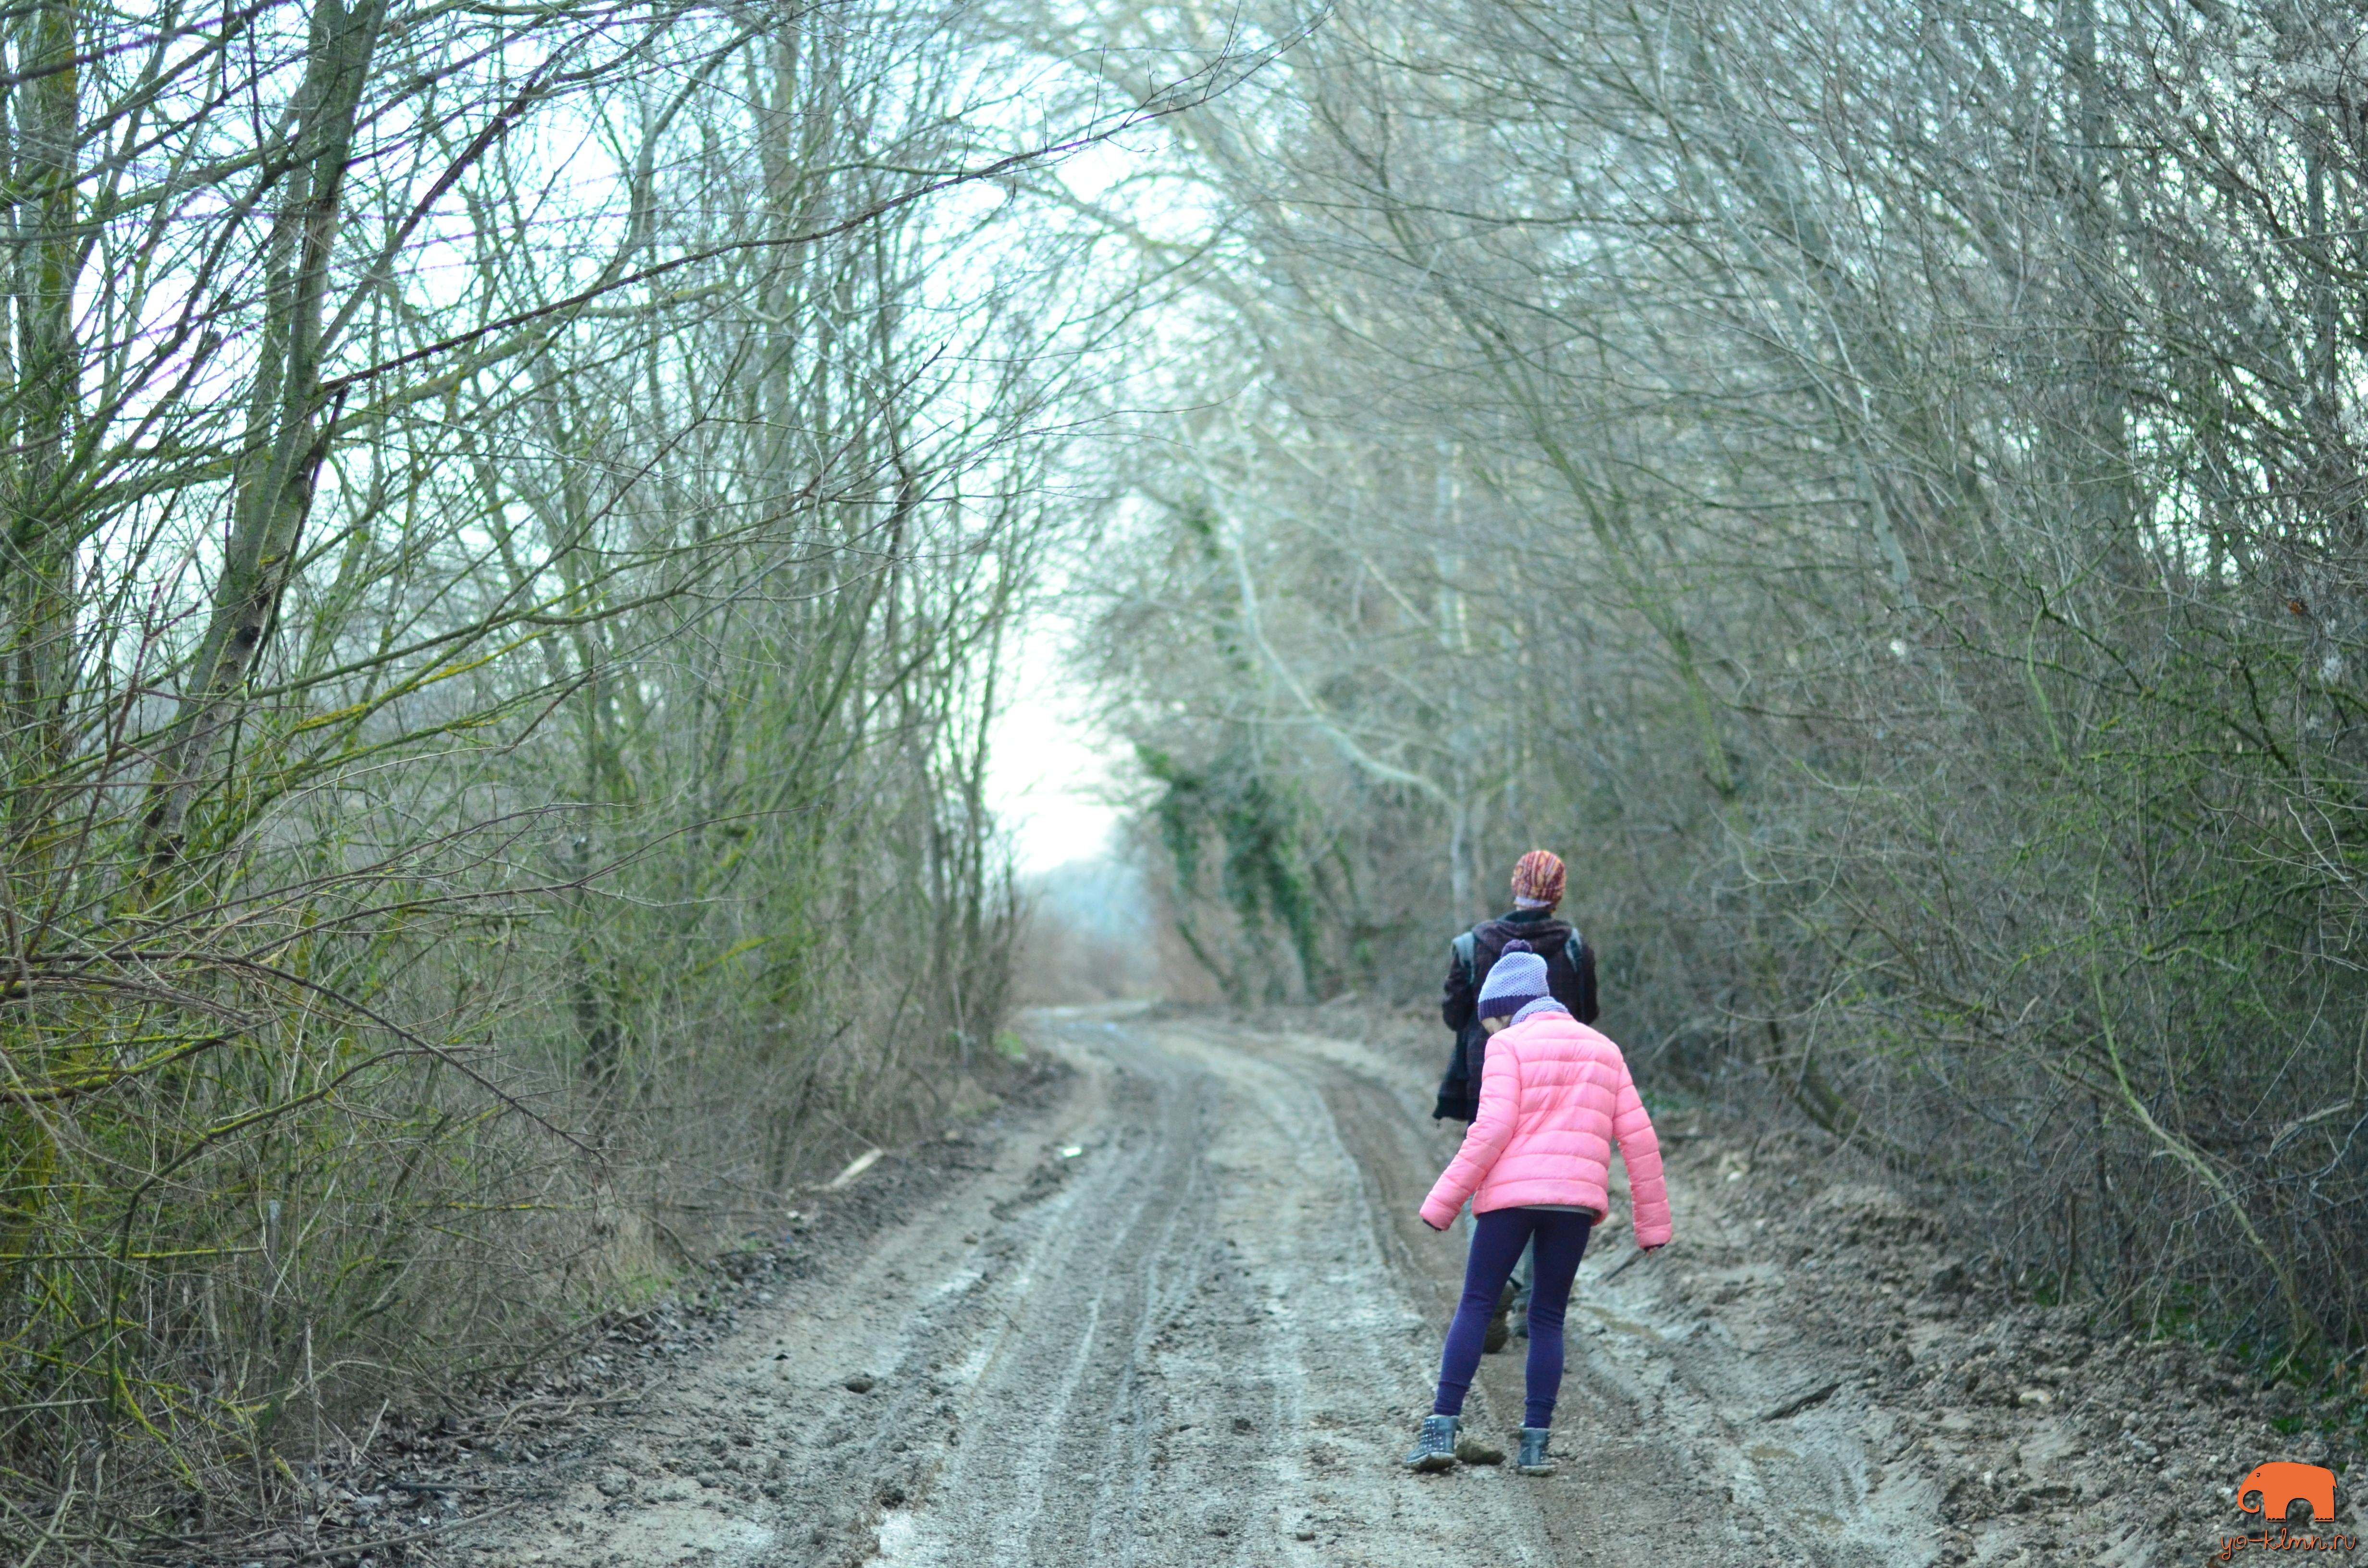 грунтовая дорога девочка в розовой куртке || yo-klmn.ru